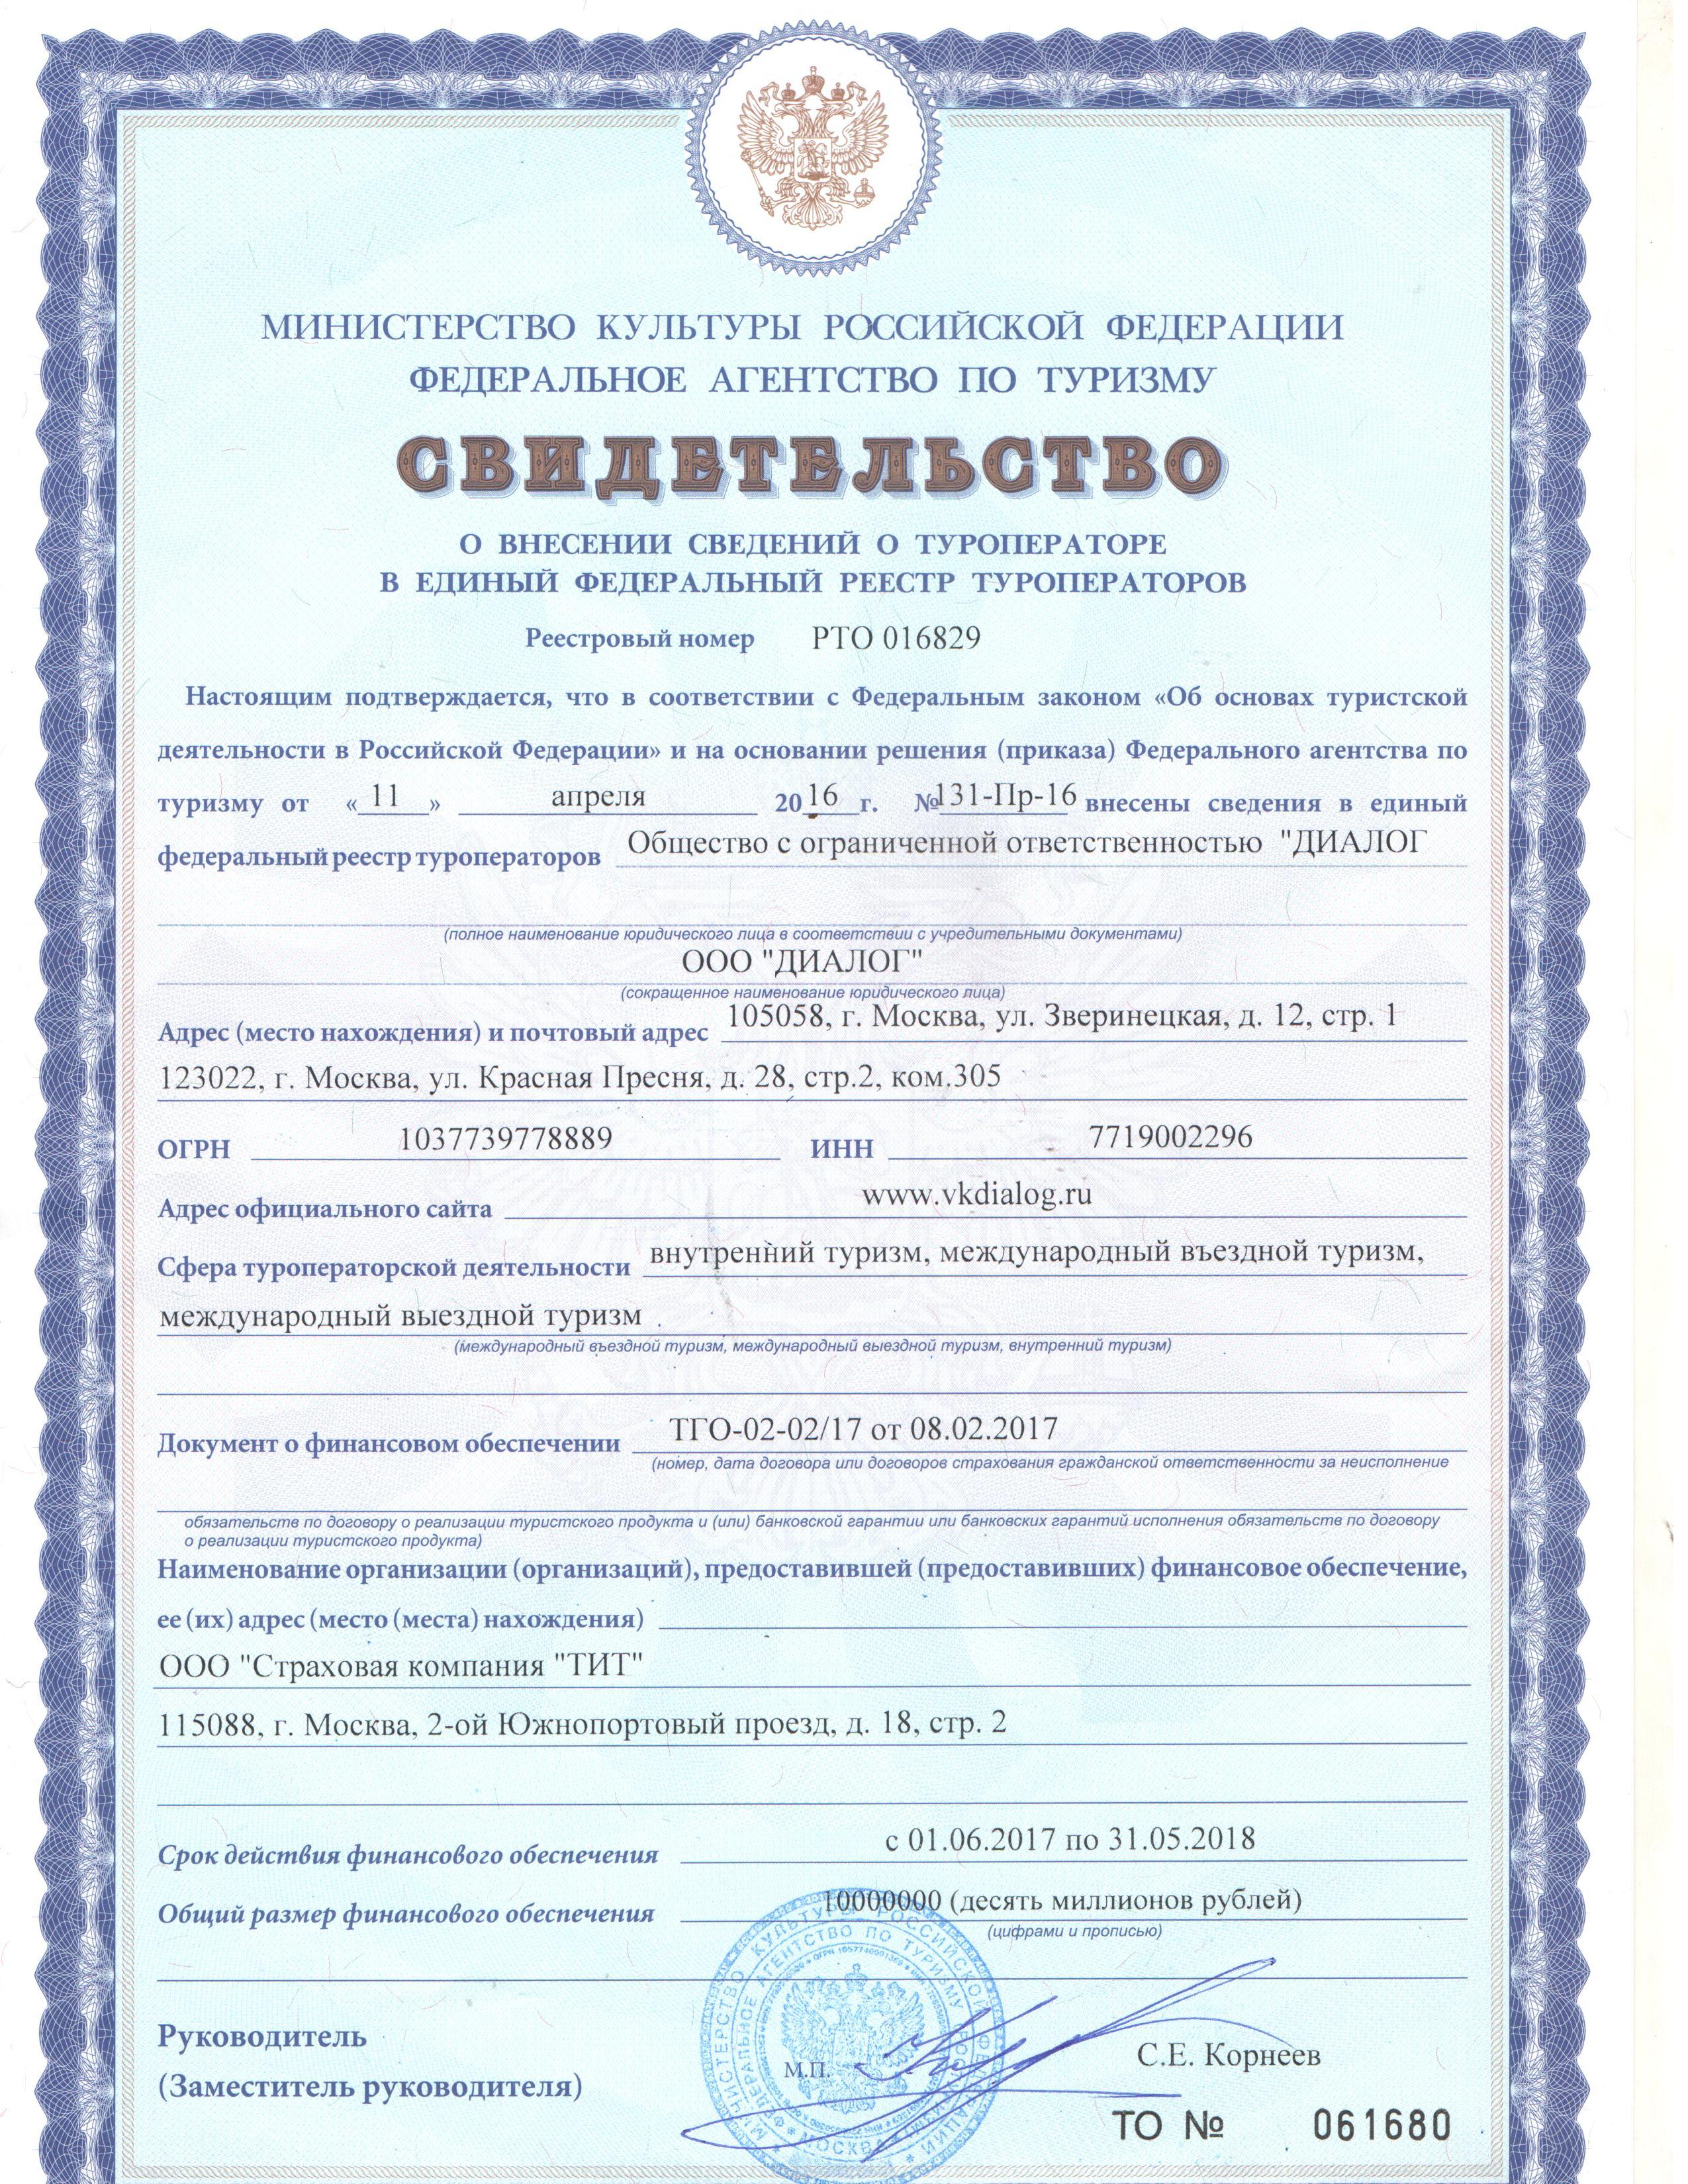 Компания Диалог РТО 016829